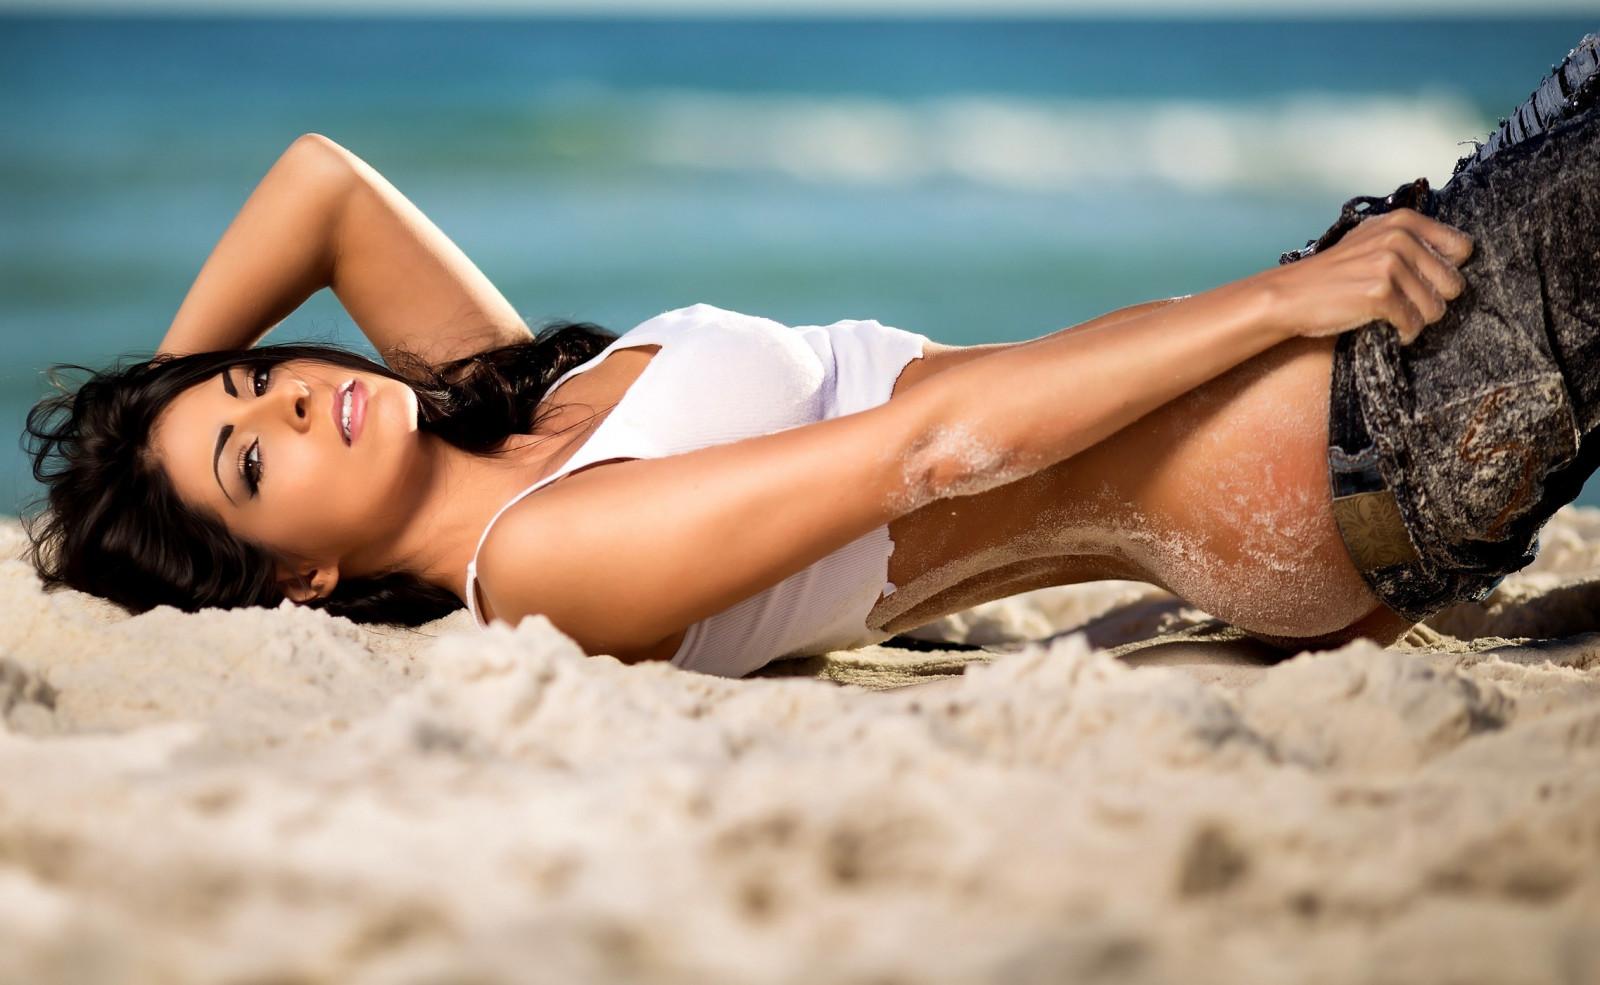 несколько порно красивые девушки на пляже полуголые веселятся, только